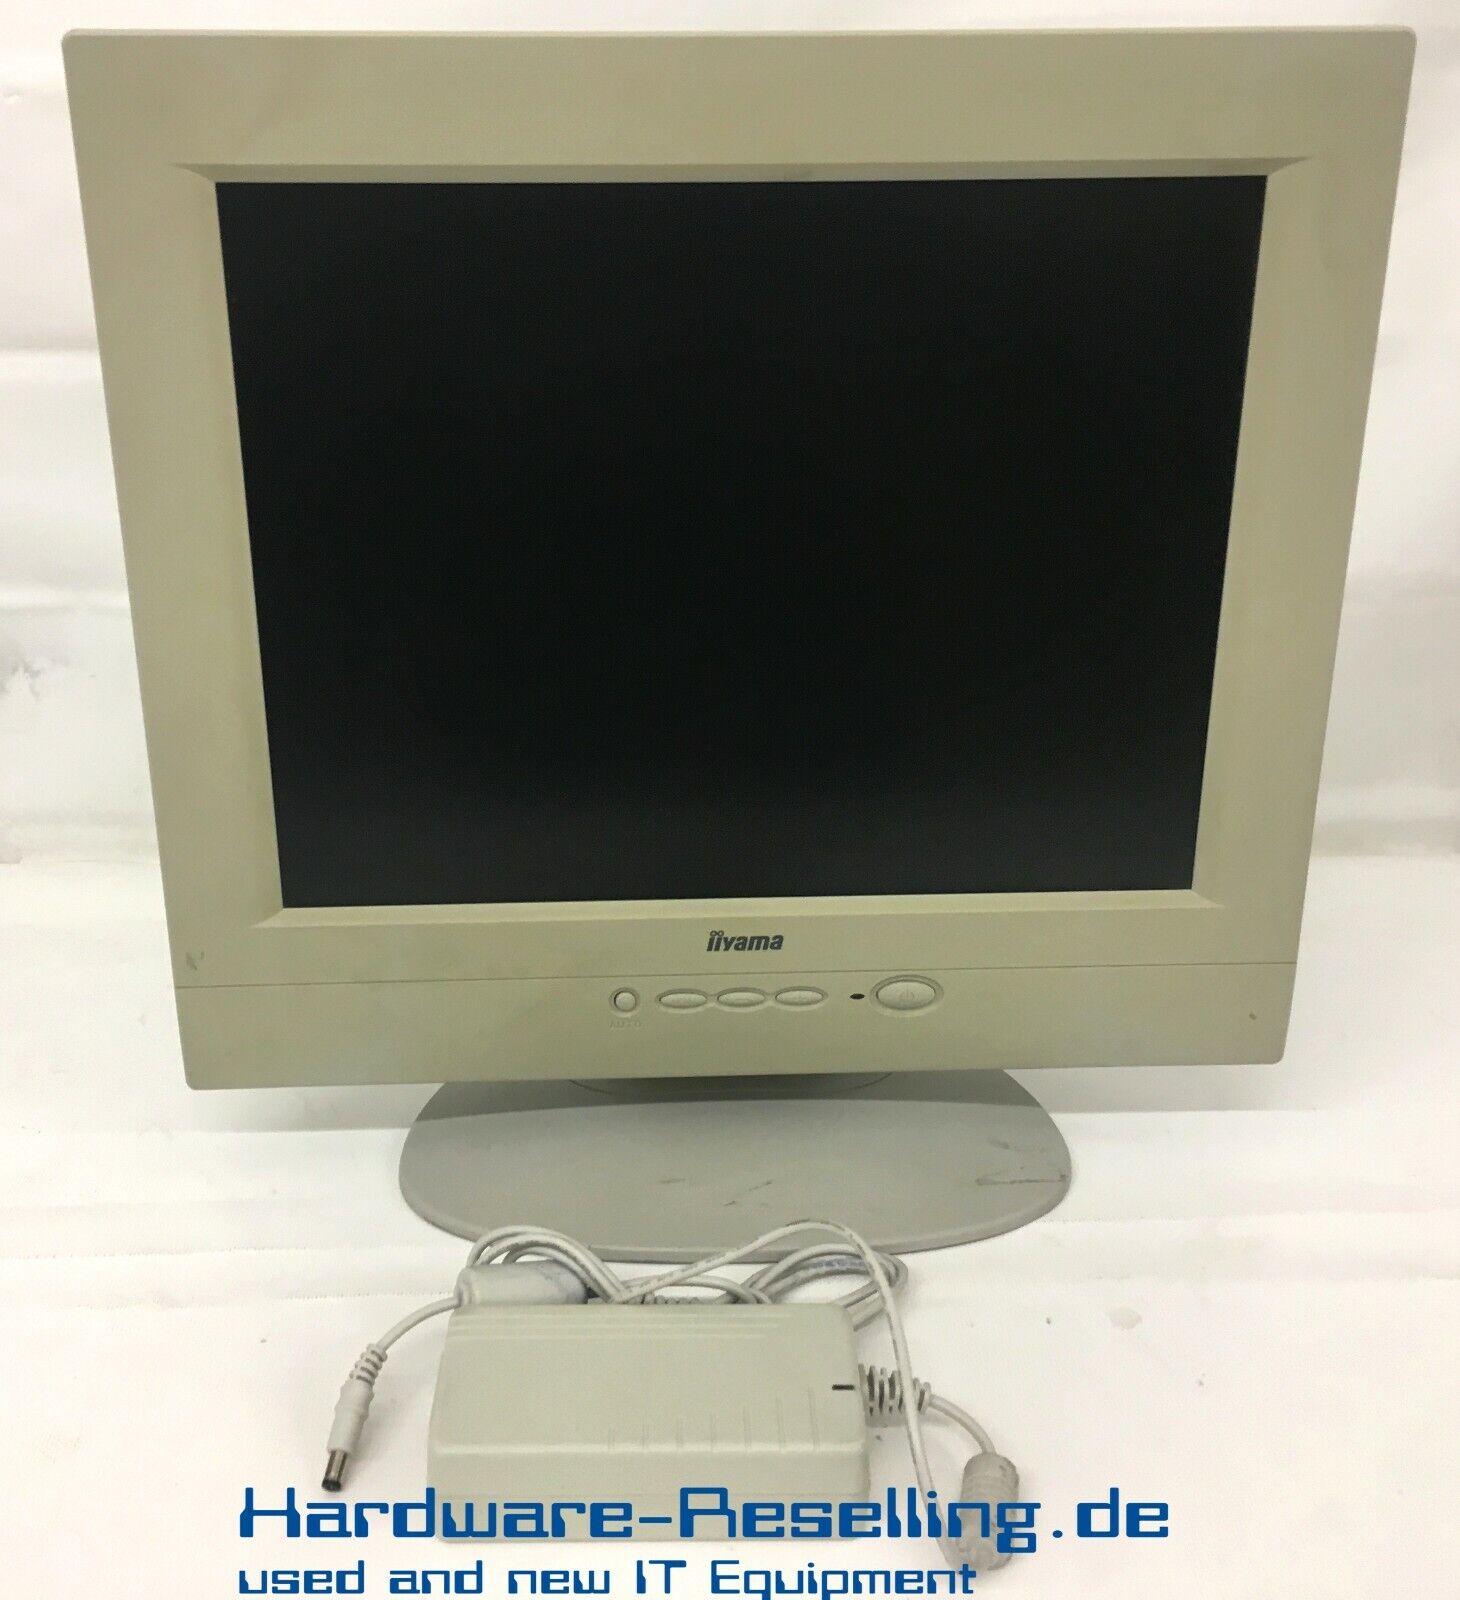 IIYAMA BX3814UT 15 Zoll Monitor 1024x768 (4:3) gebraucht mit Netzteil